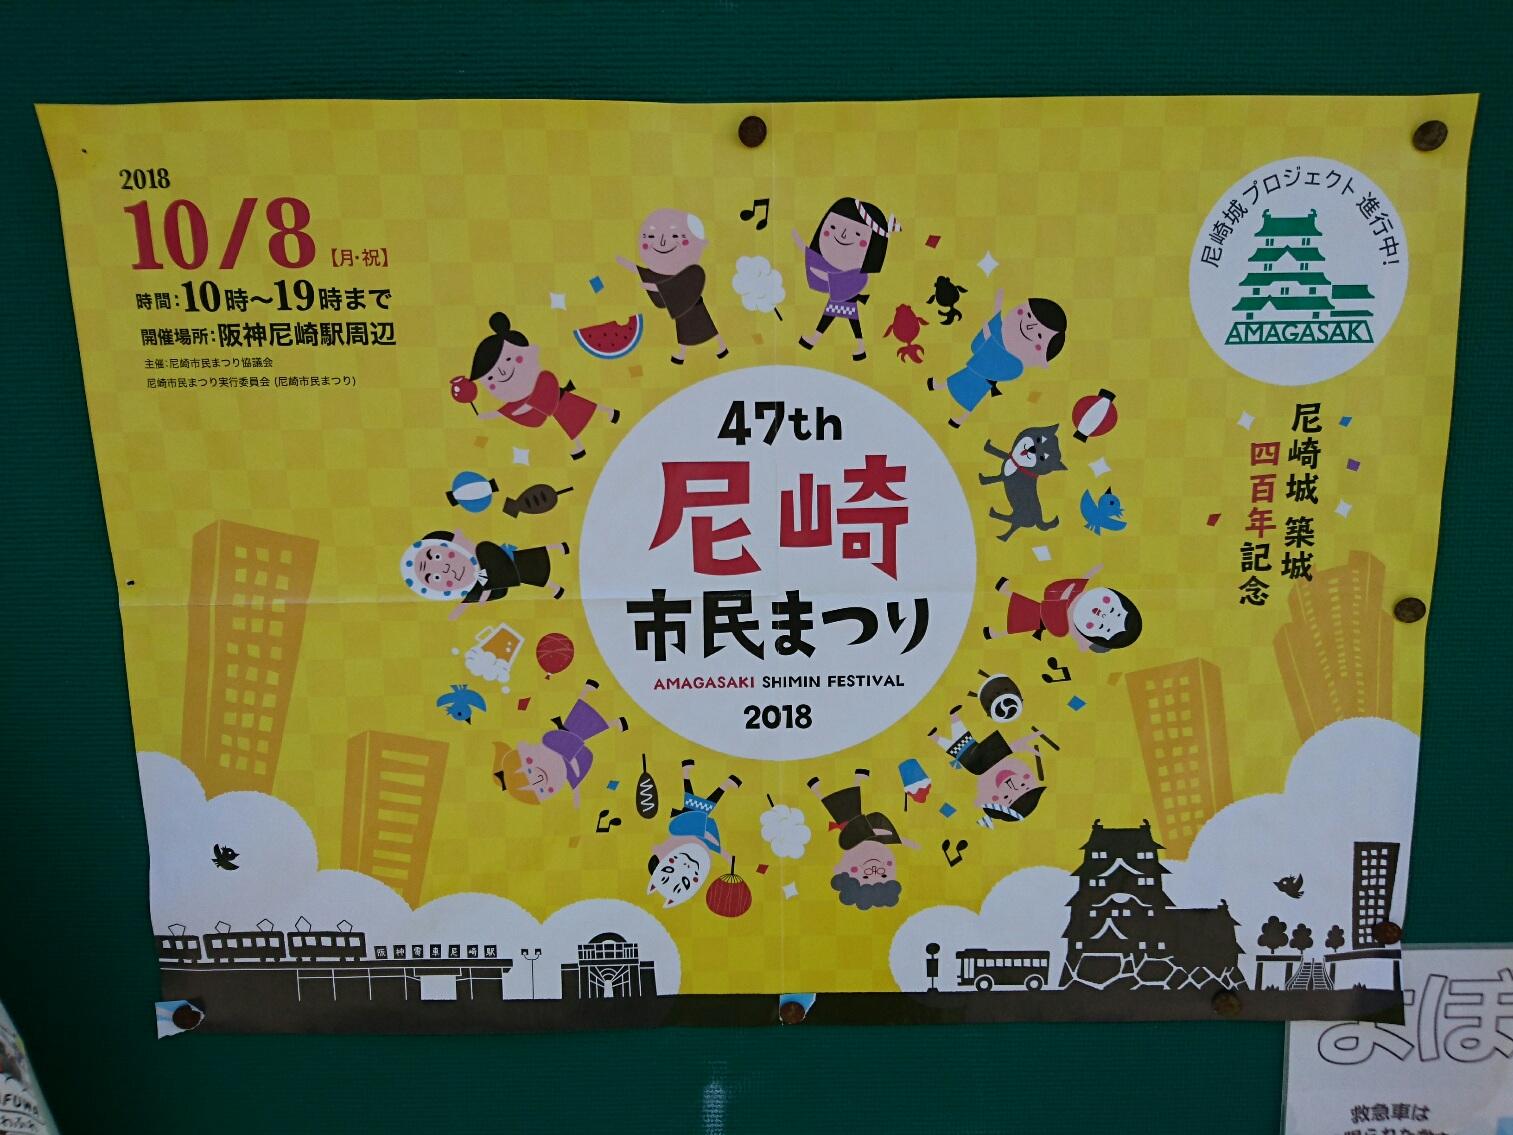 尼崎市民祭り2018